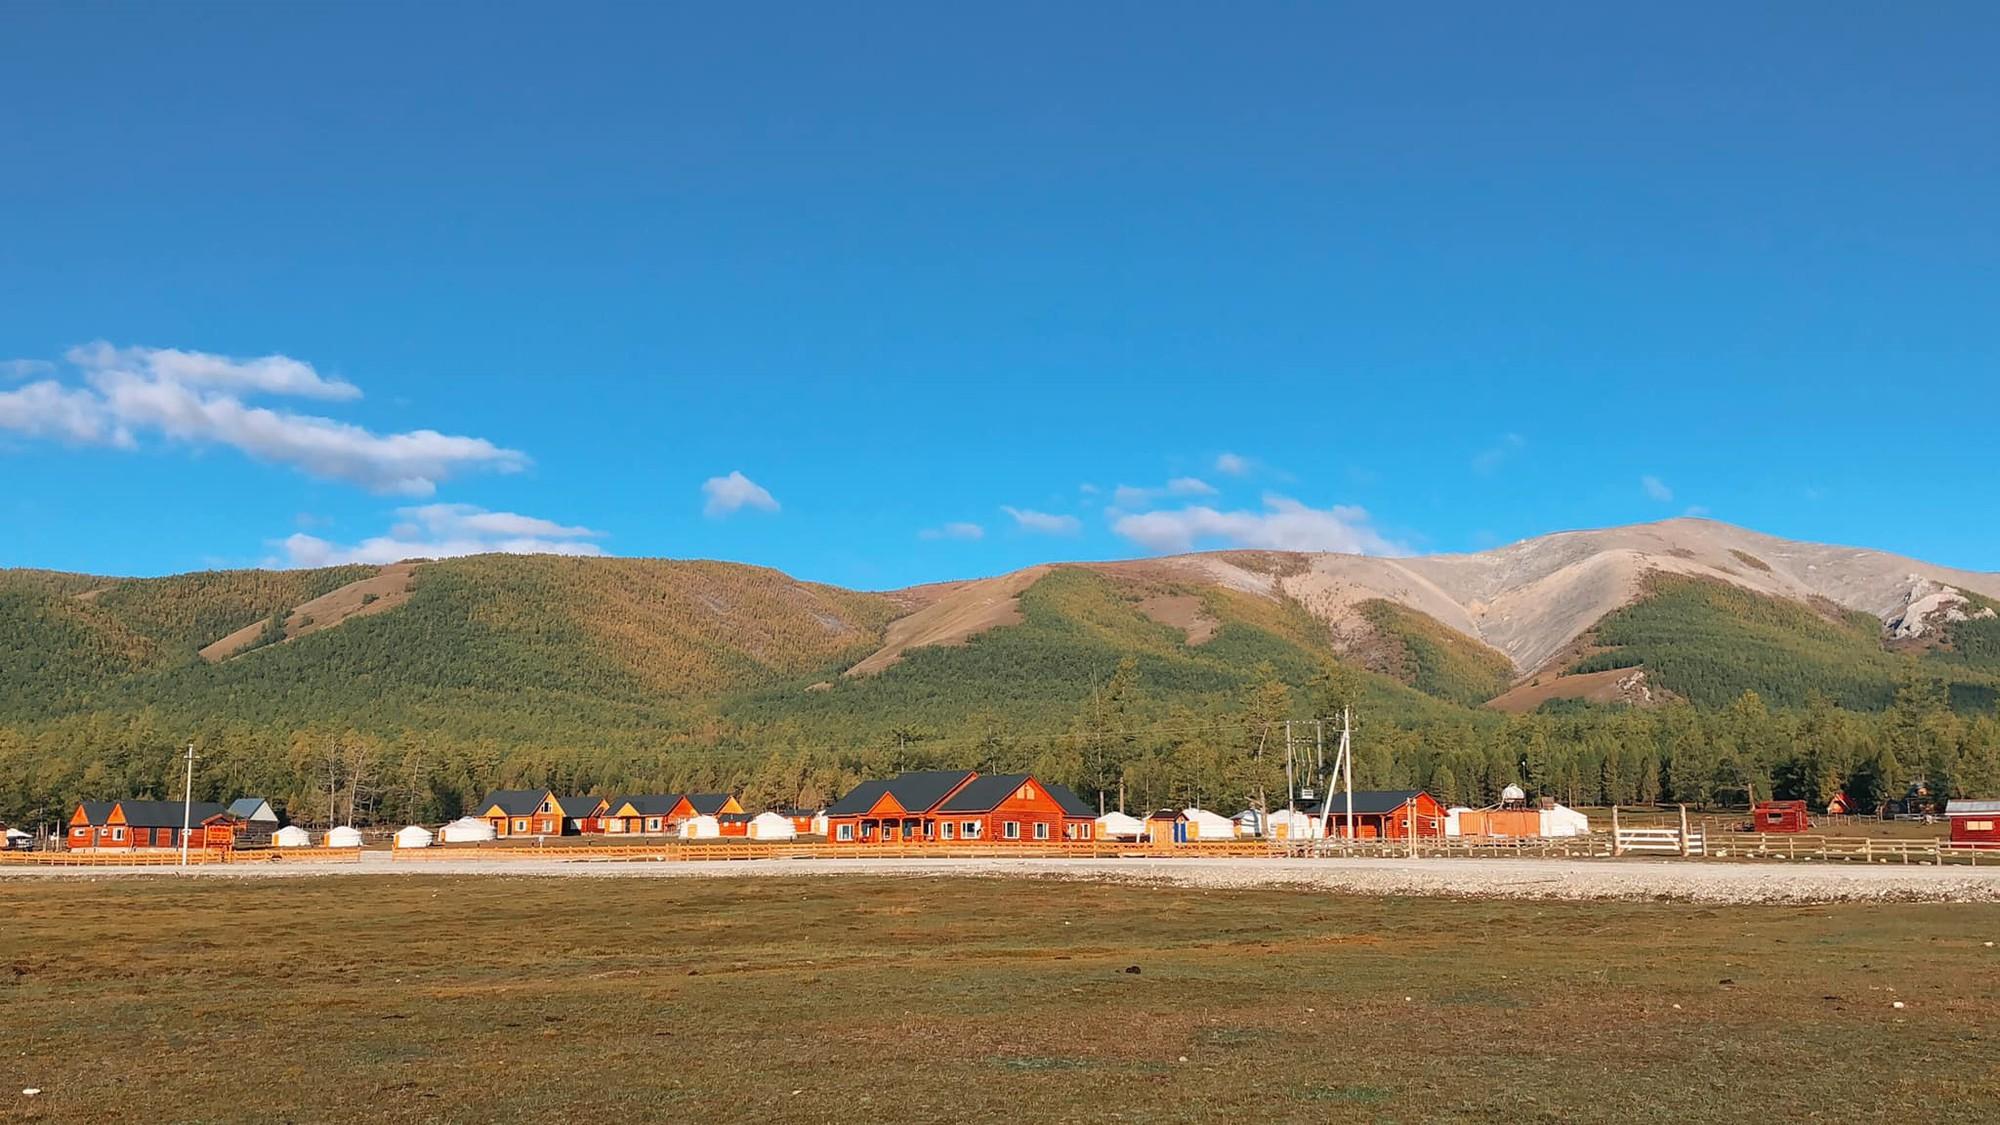 Mông Cổ đẹp say lòng trong chuyến đi tuổi trẻ của 9X - Ảnh 2.